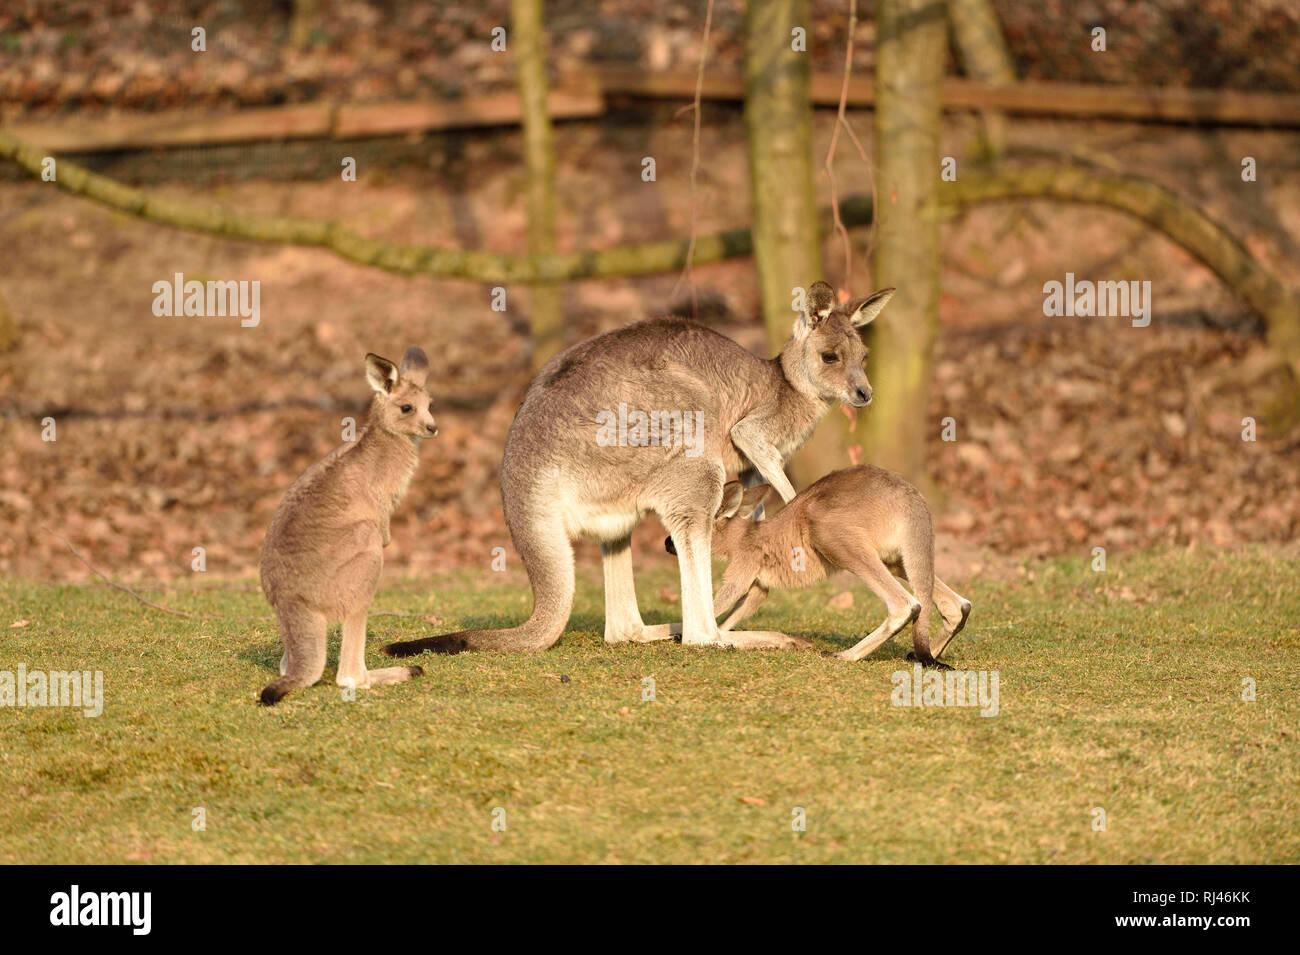 ?stliches Graues Riesenk?nguru, Macropus giganteus, Muttertier, Jungtiere, Wiese, seitlich, stehen - Stock Image